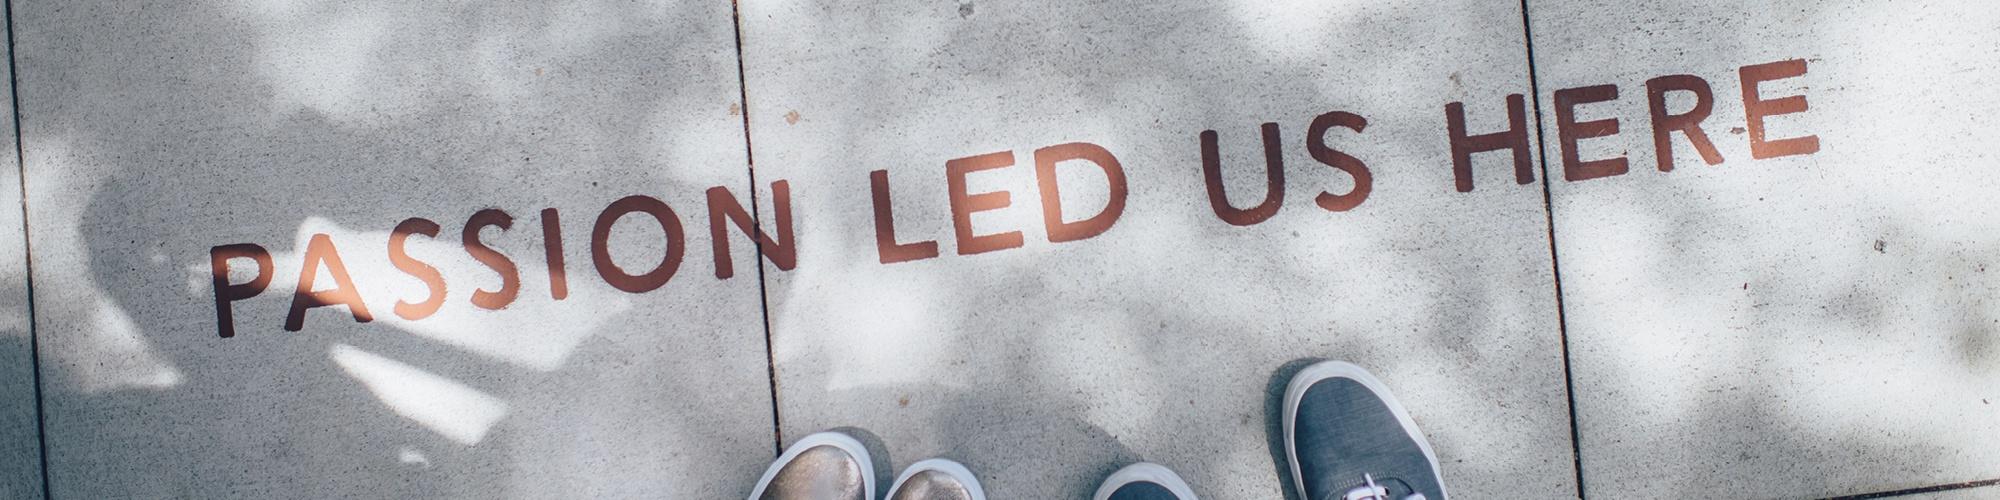 """Symbolbild: Gehweg mit der Aufschrift """"passion led us here"""""""